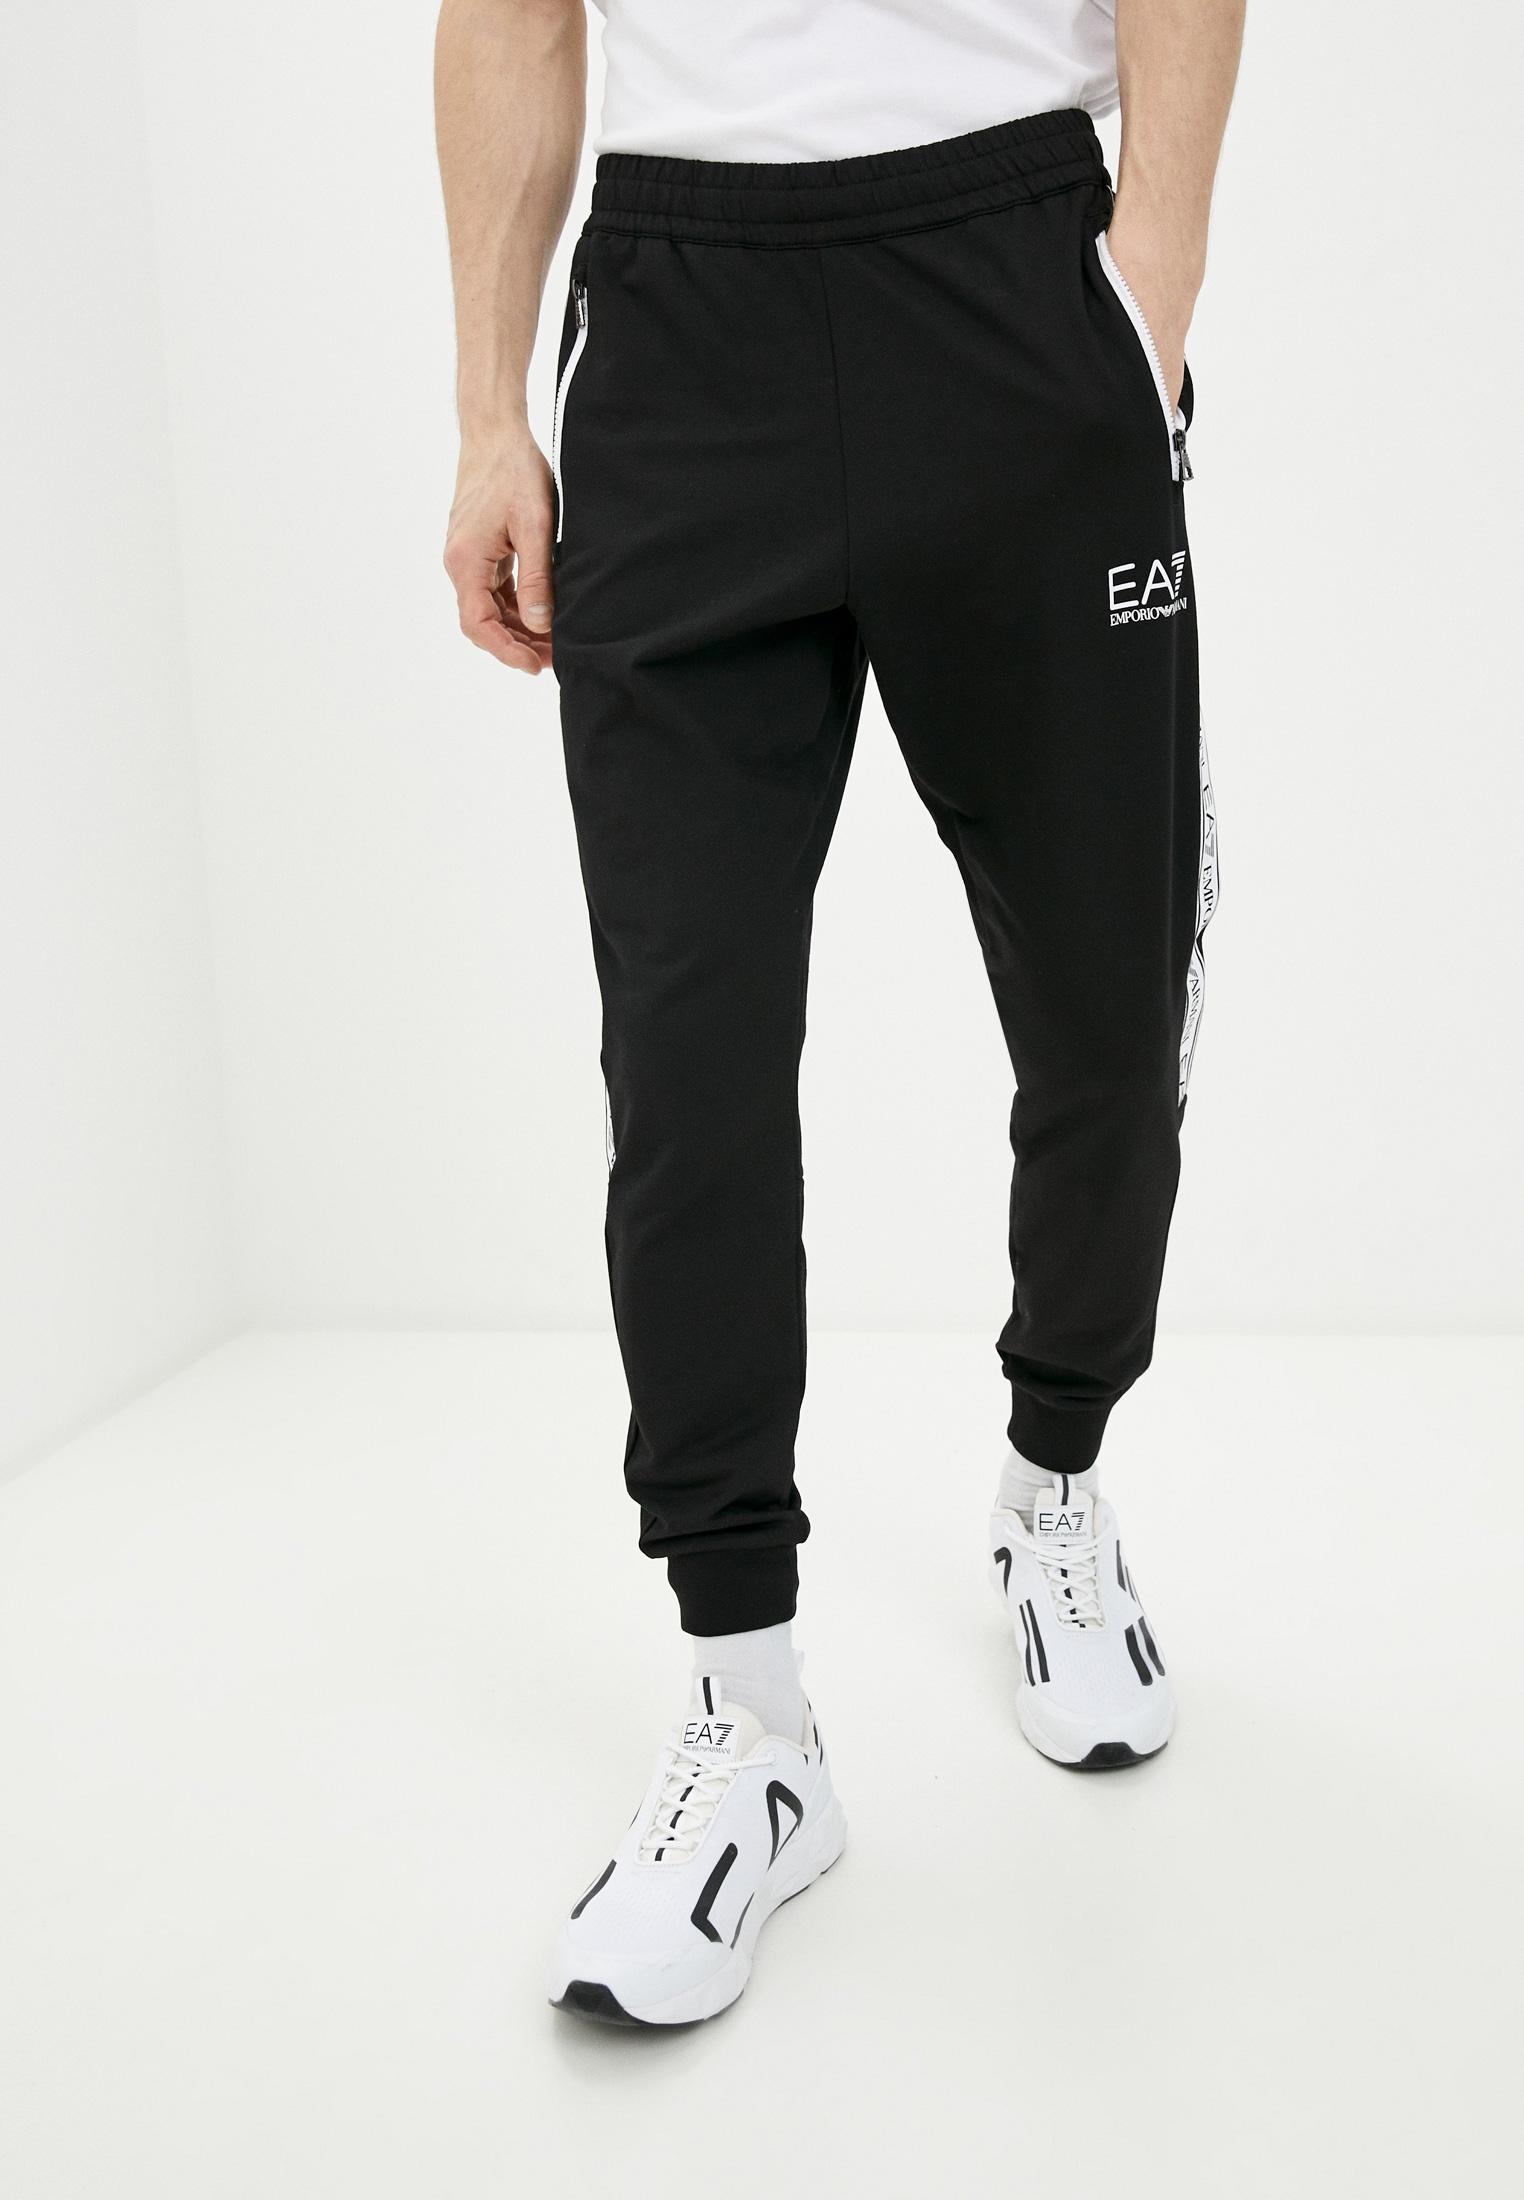 Мужские спортивные брюки EA7 Брюки спортивные EA7